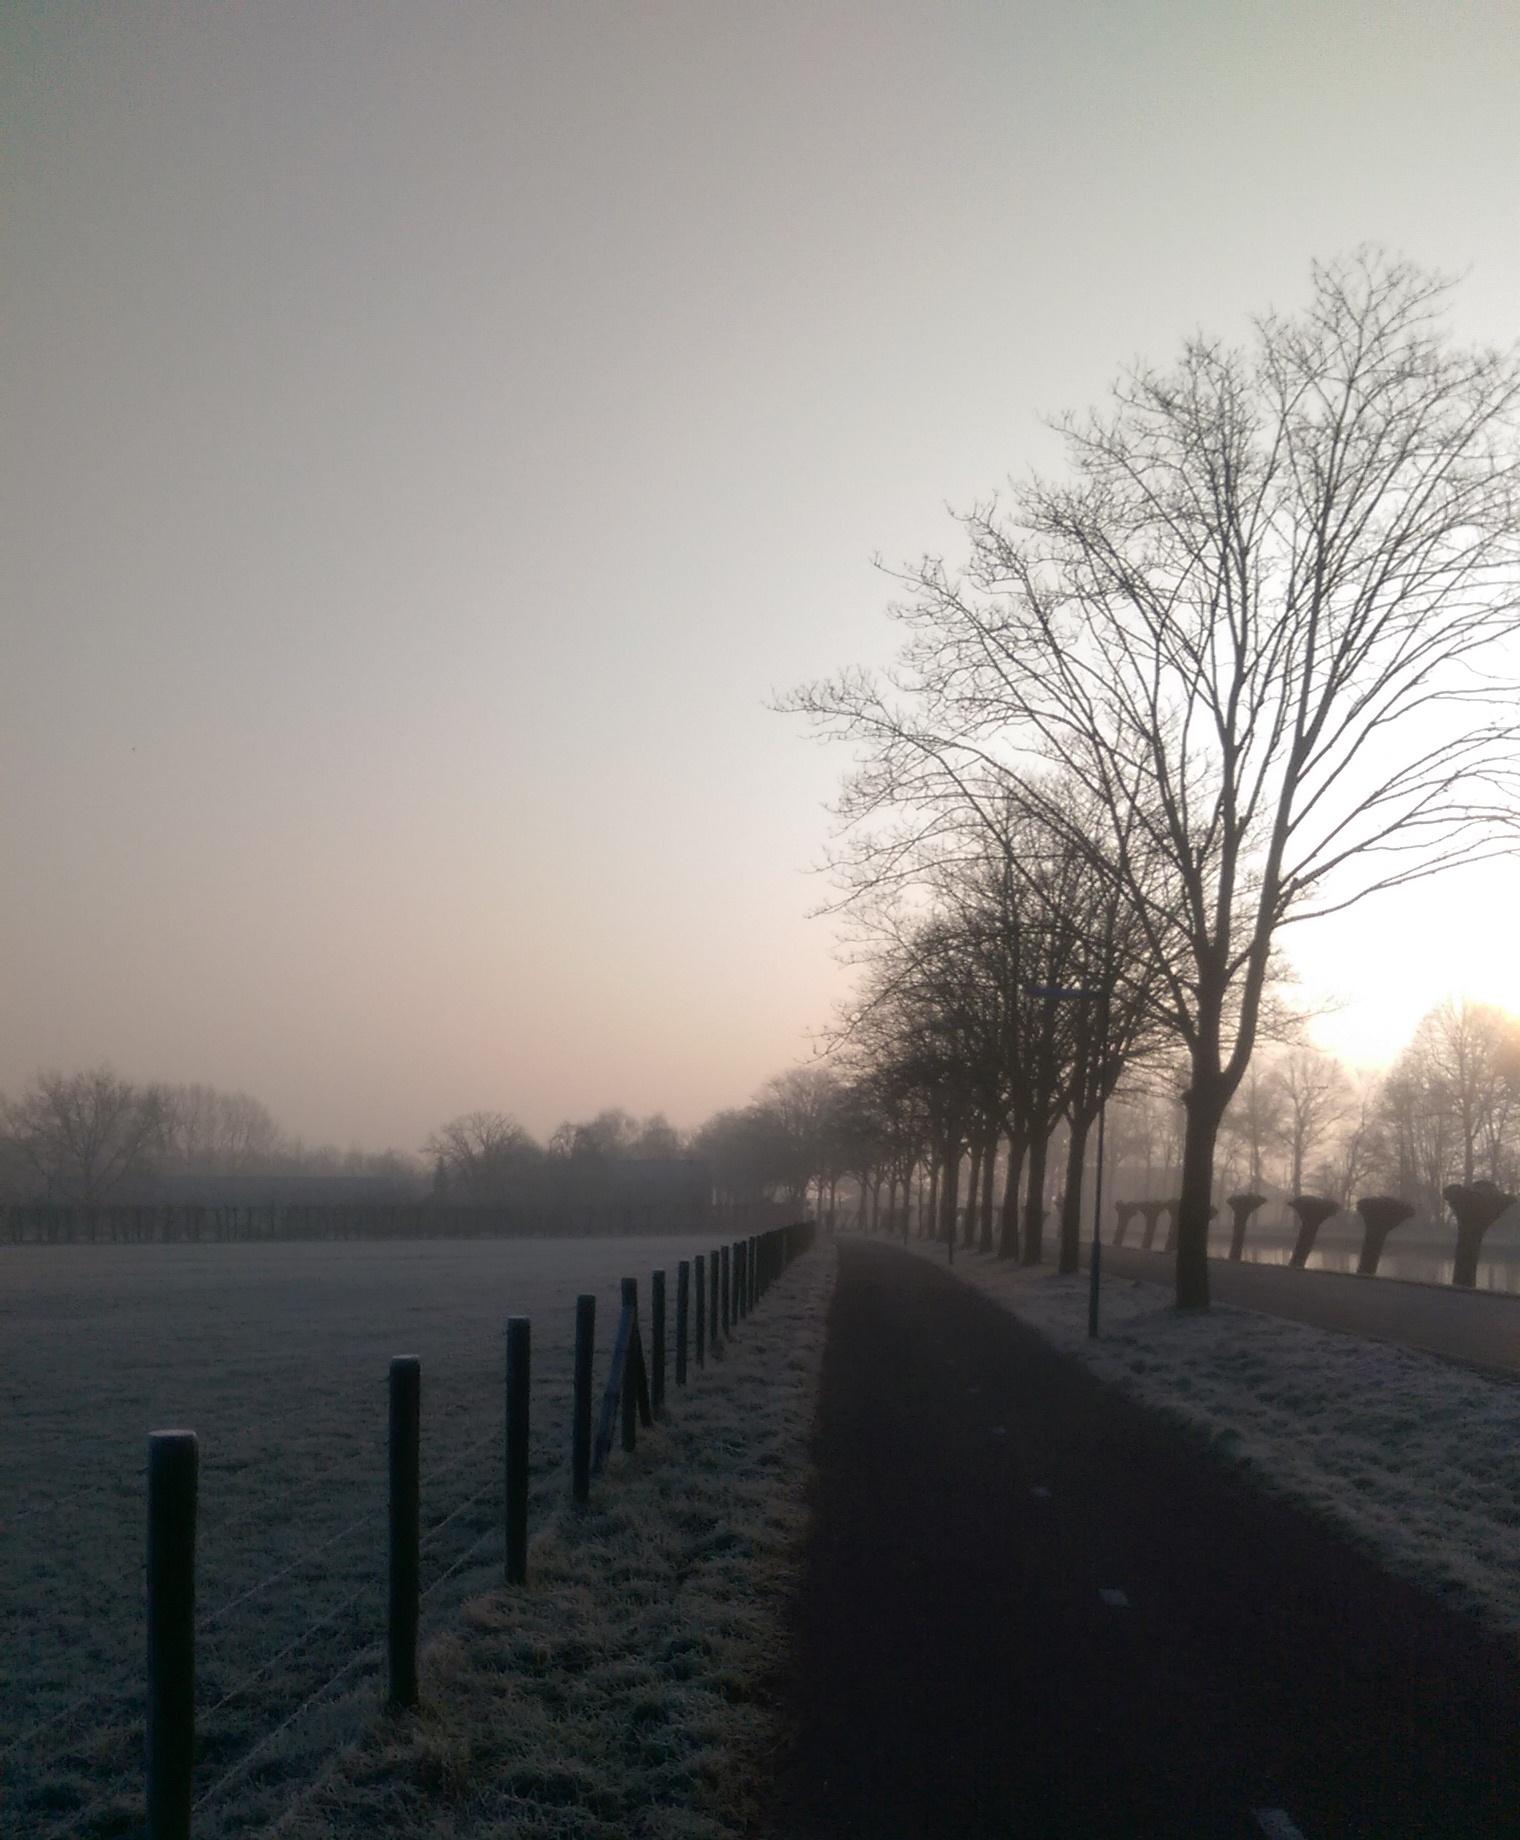 inspirerende ochtendloop